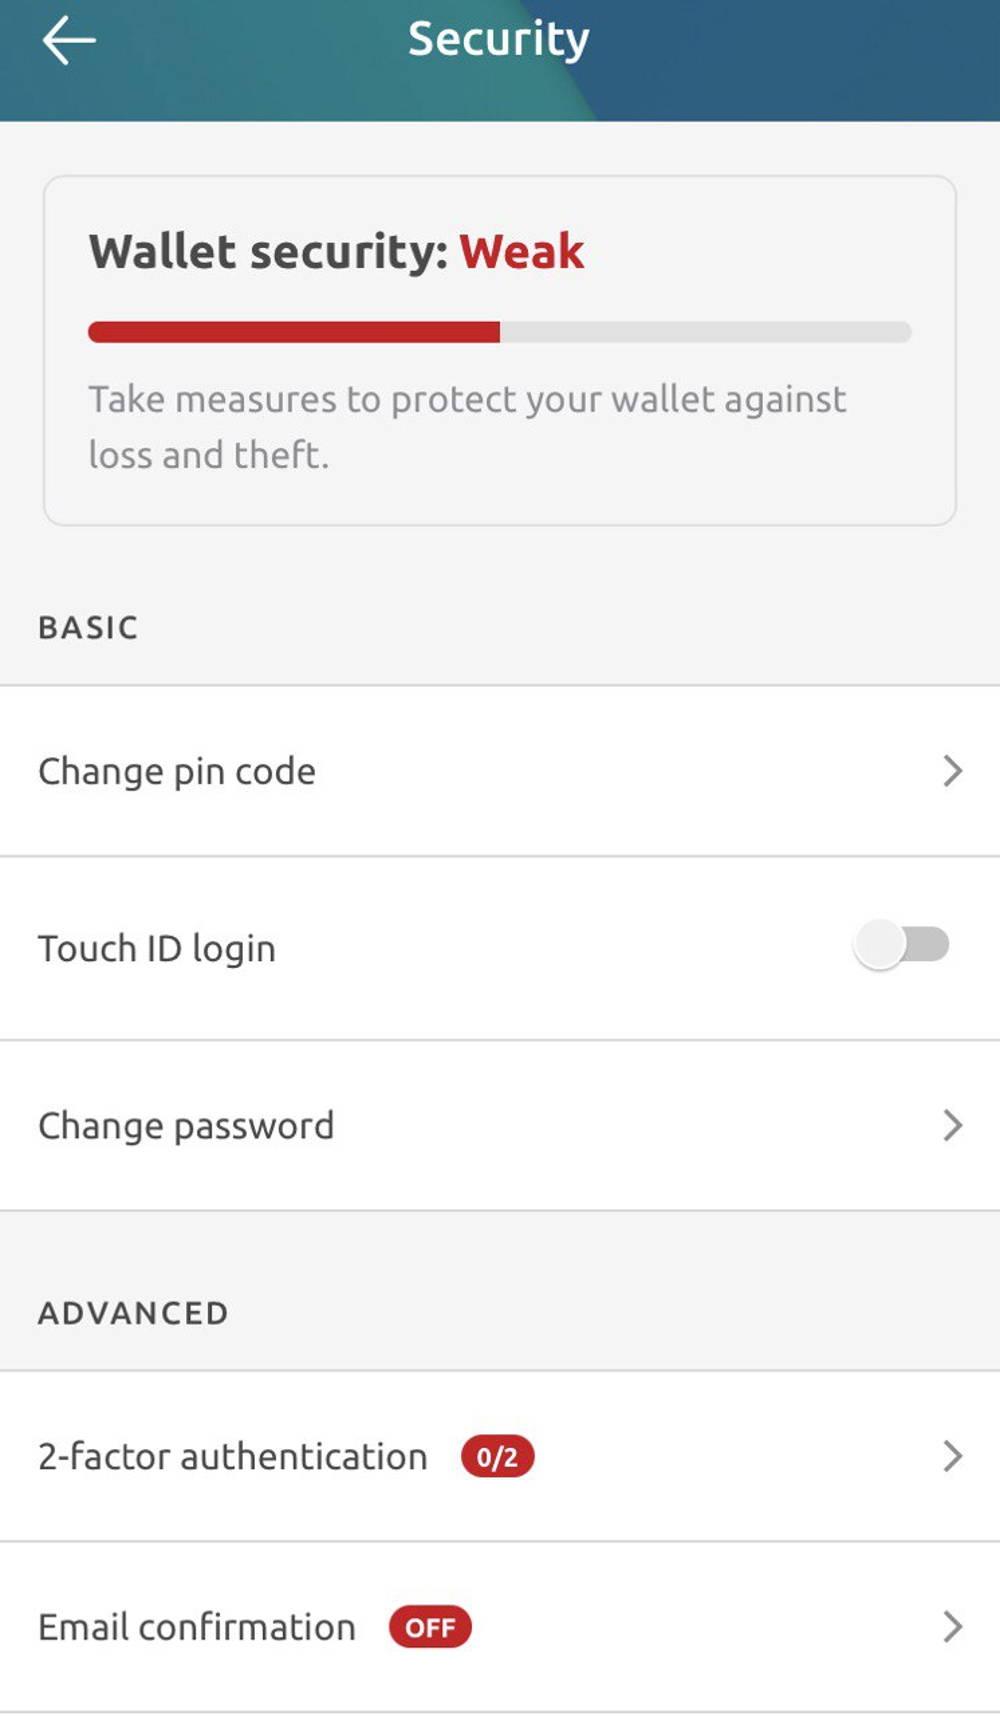 Freewallet_(m)_security.jpg